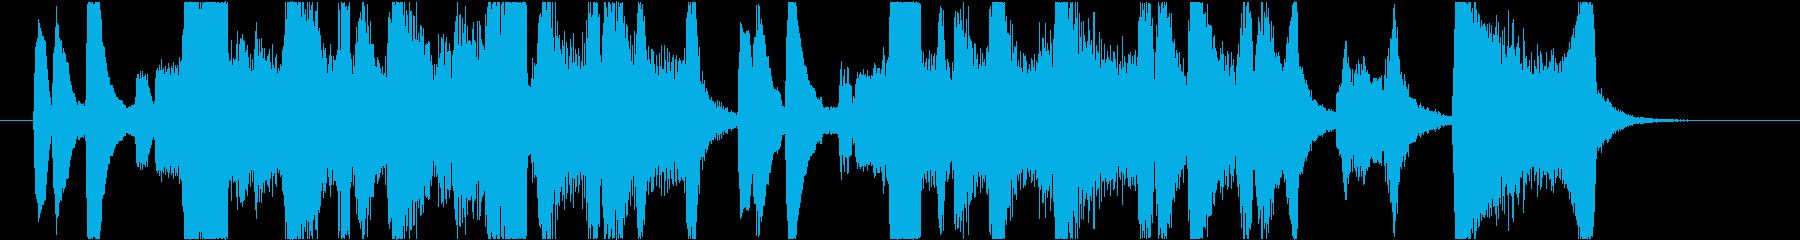 ダークでかっこいいブラスイントロの再生済みの波形